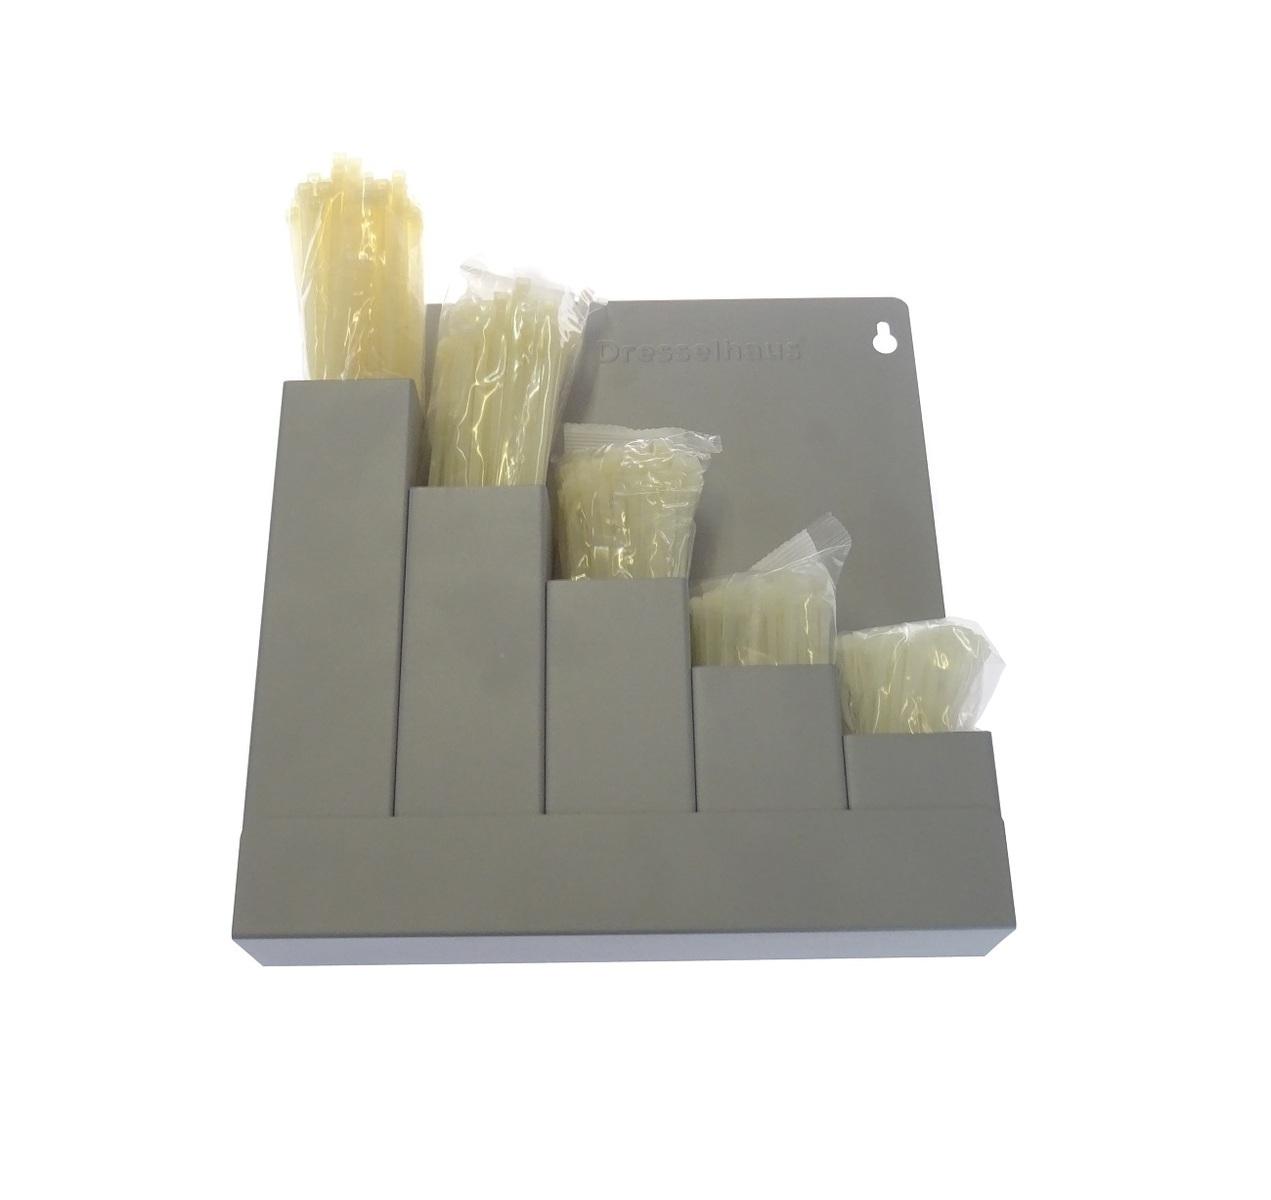 Stahovací pásky 2,5x100 - 4,8x360 mm, sada 500 ks v držáku